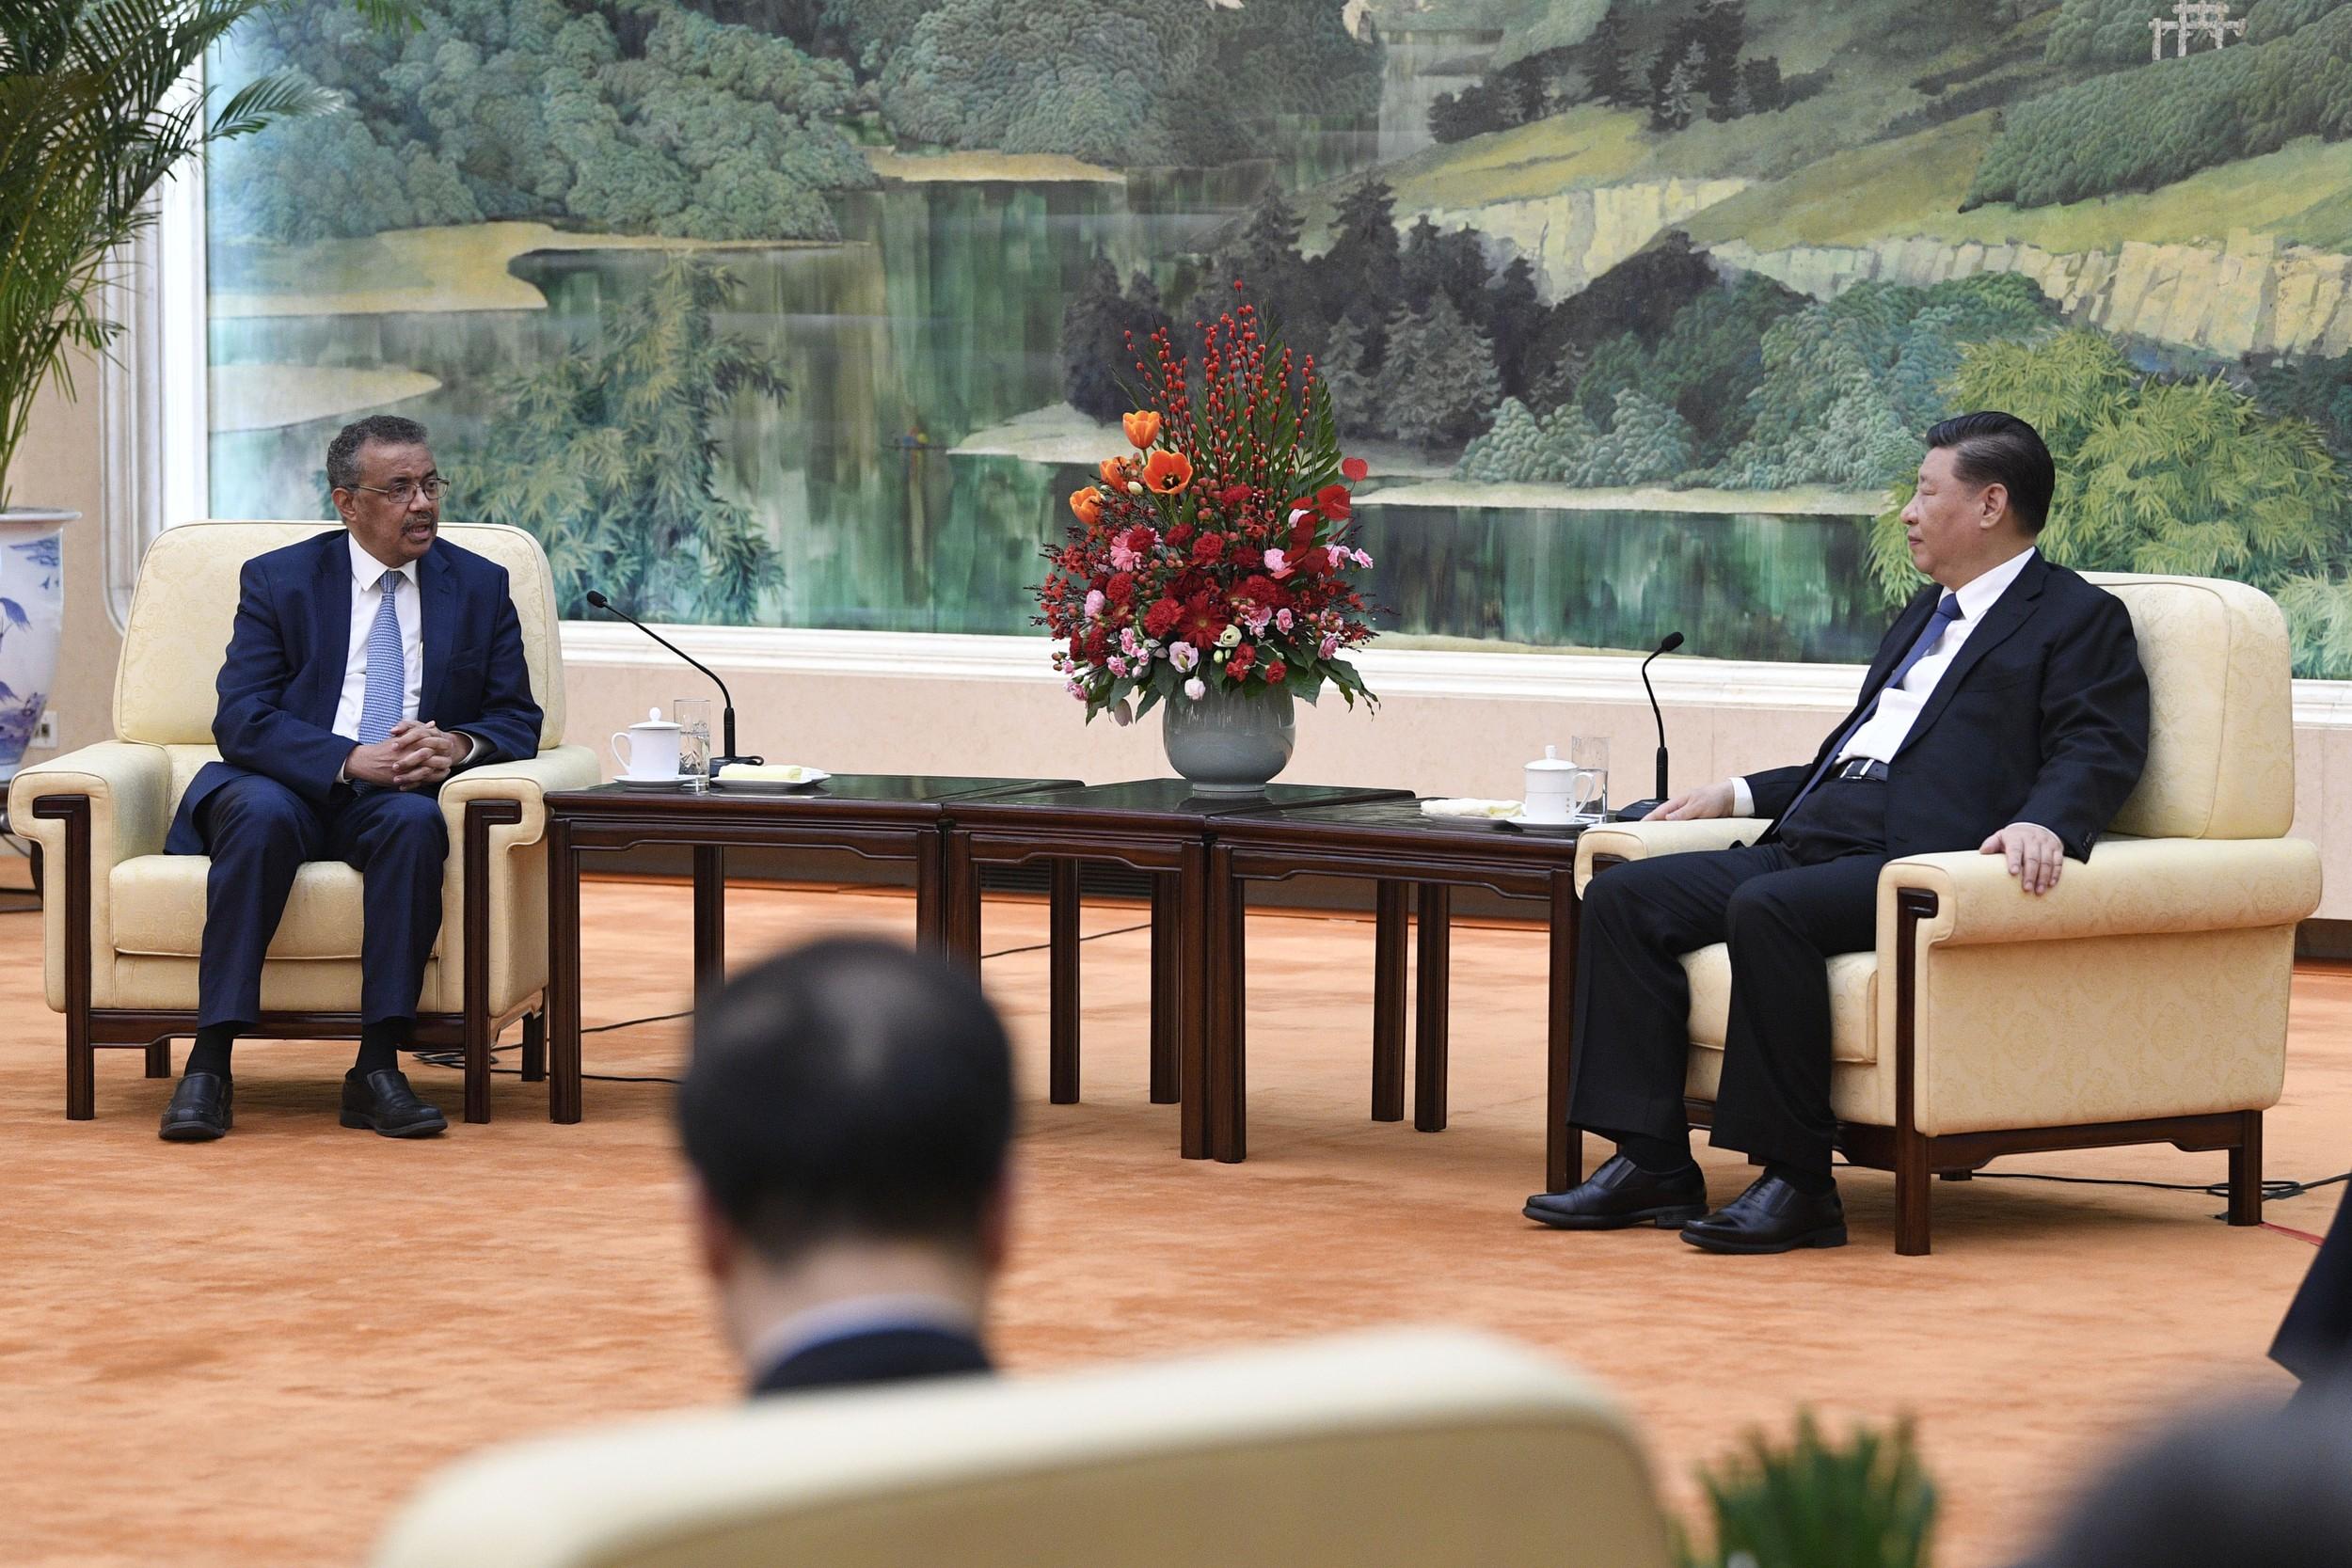 2020年1月28日,中国国家主席习近平和世卫组织总干事谭德塞(左)在北京会面。(美联社)